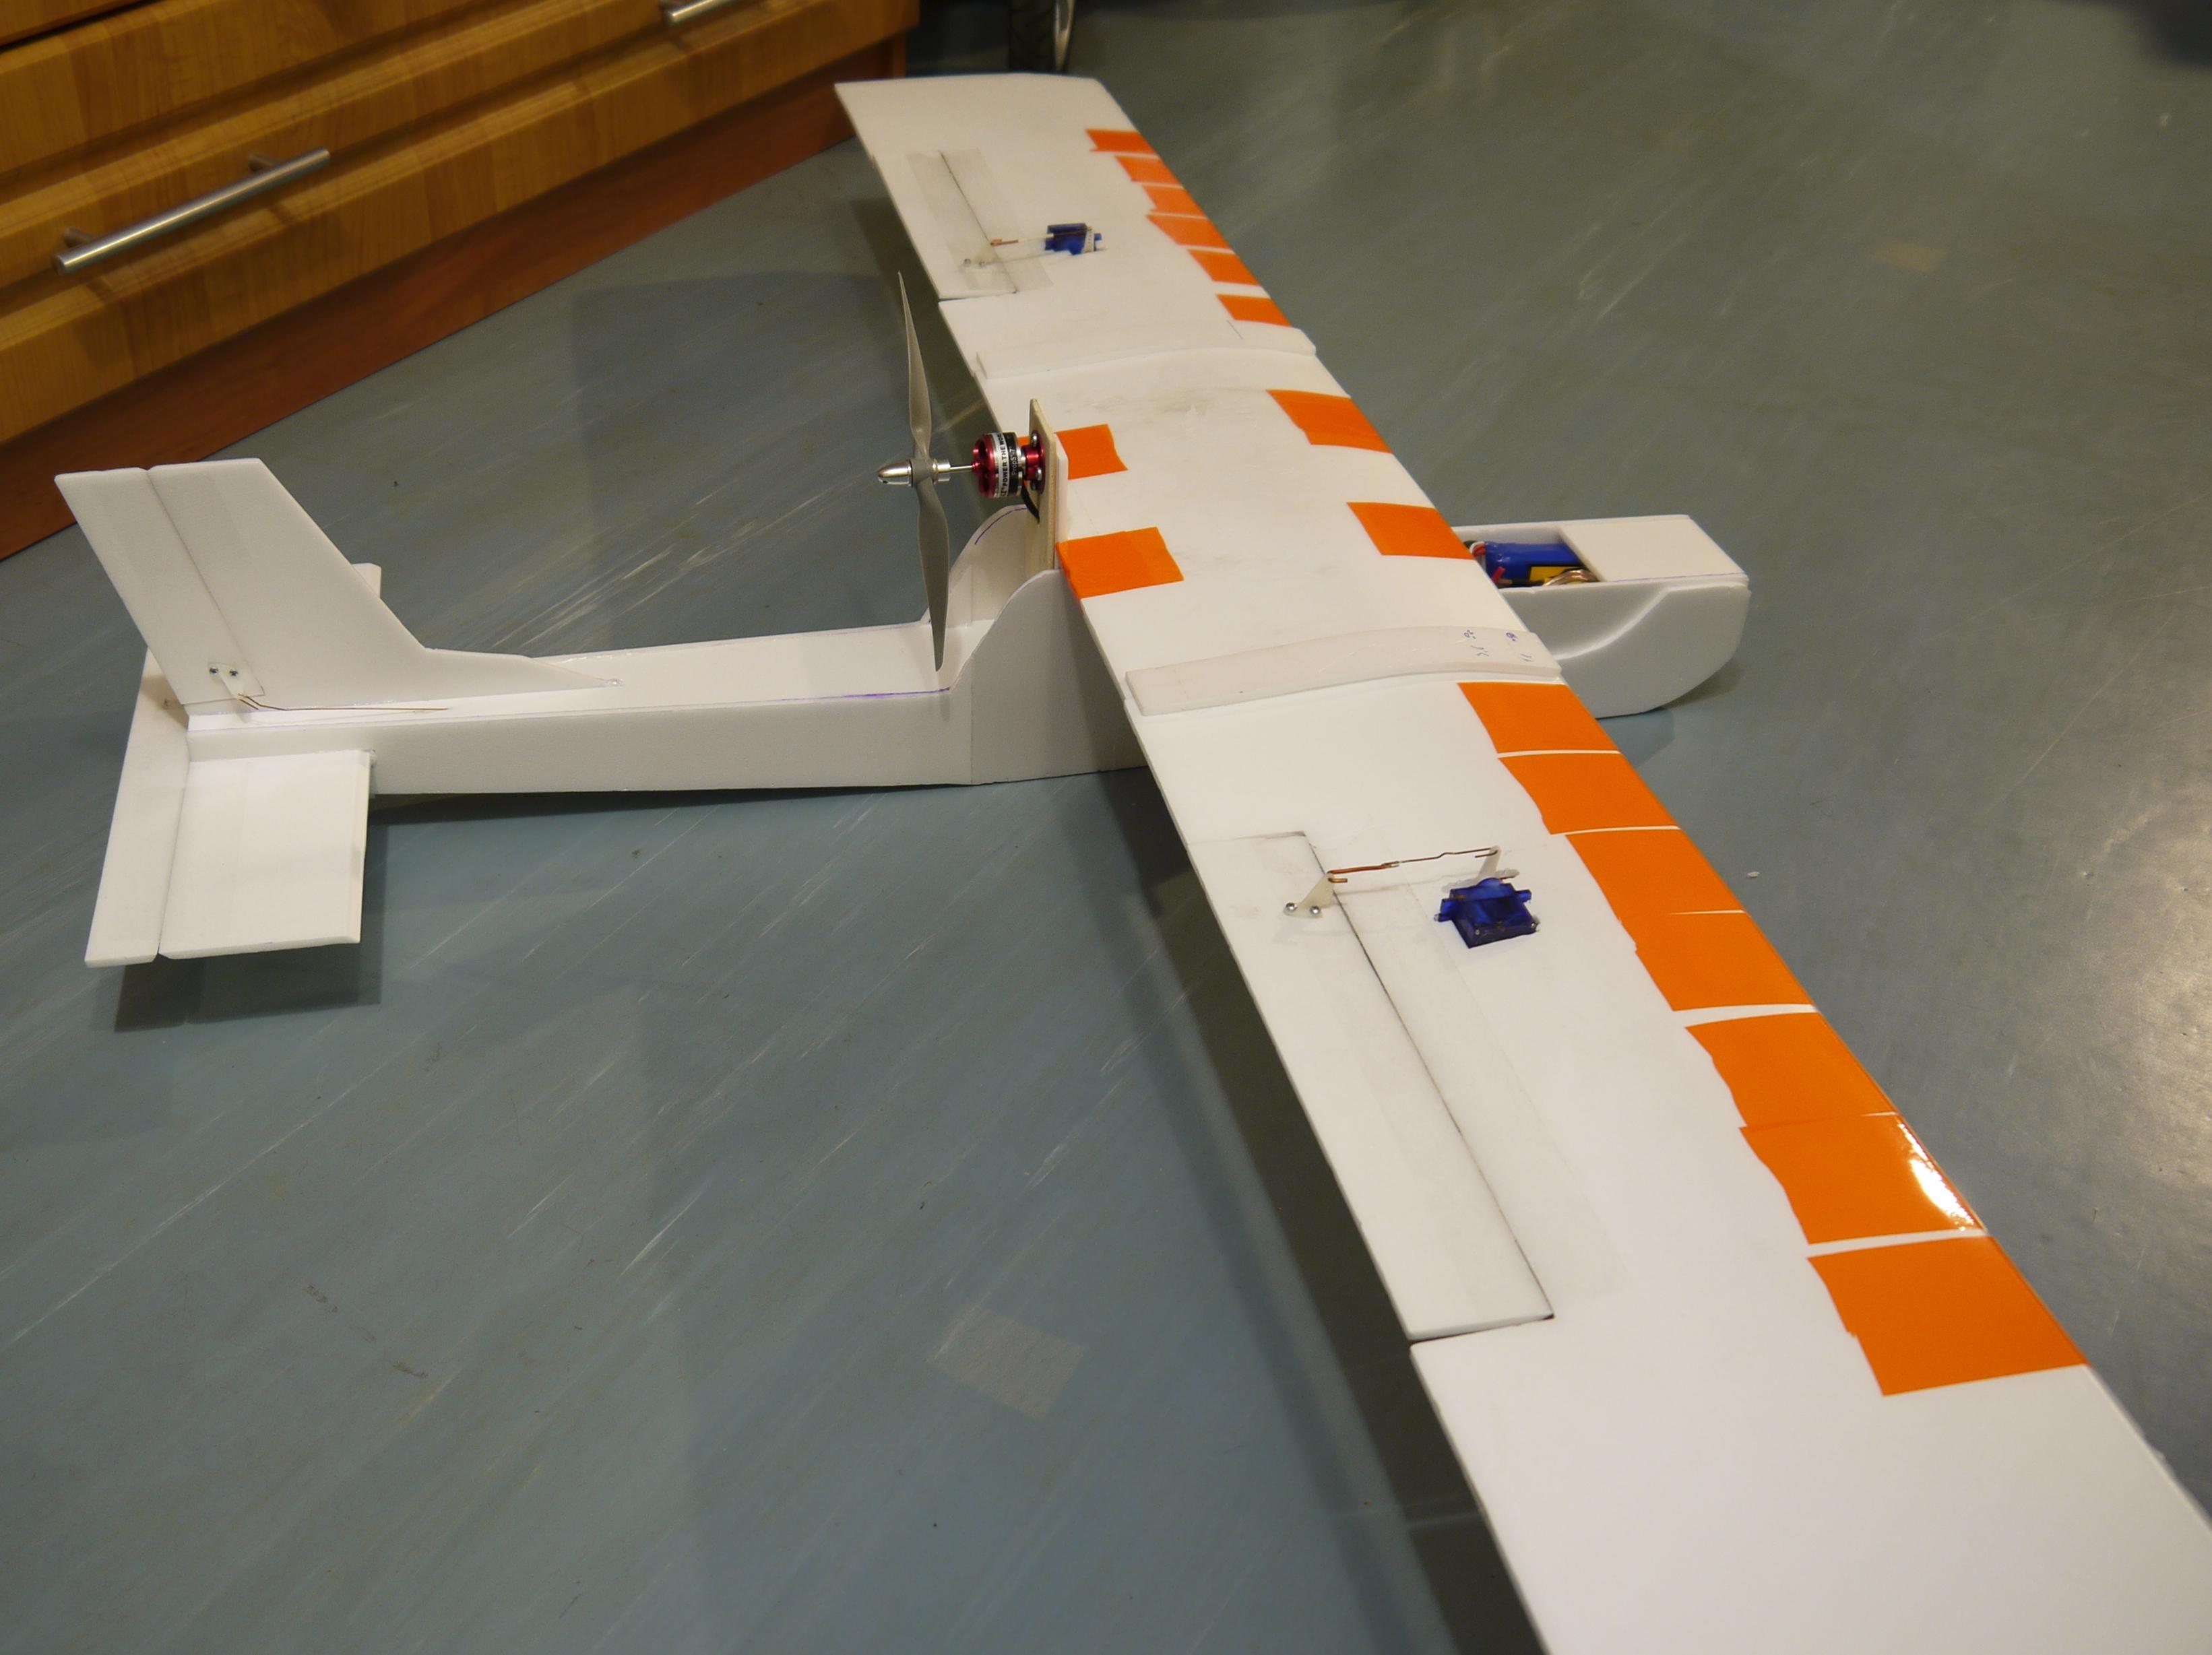 Модели самолётов из потолочки своими руками